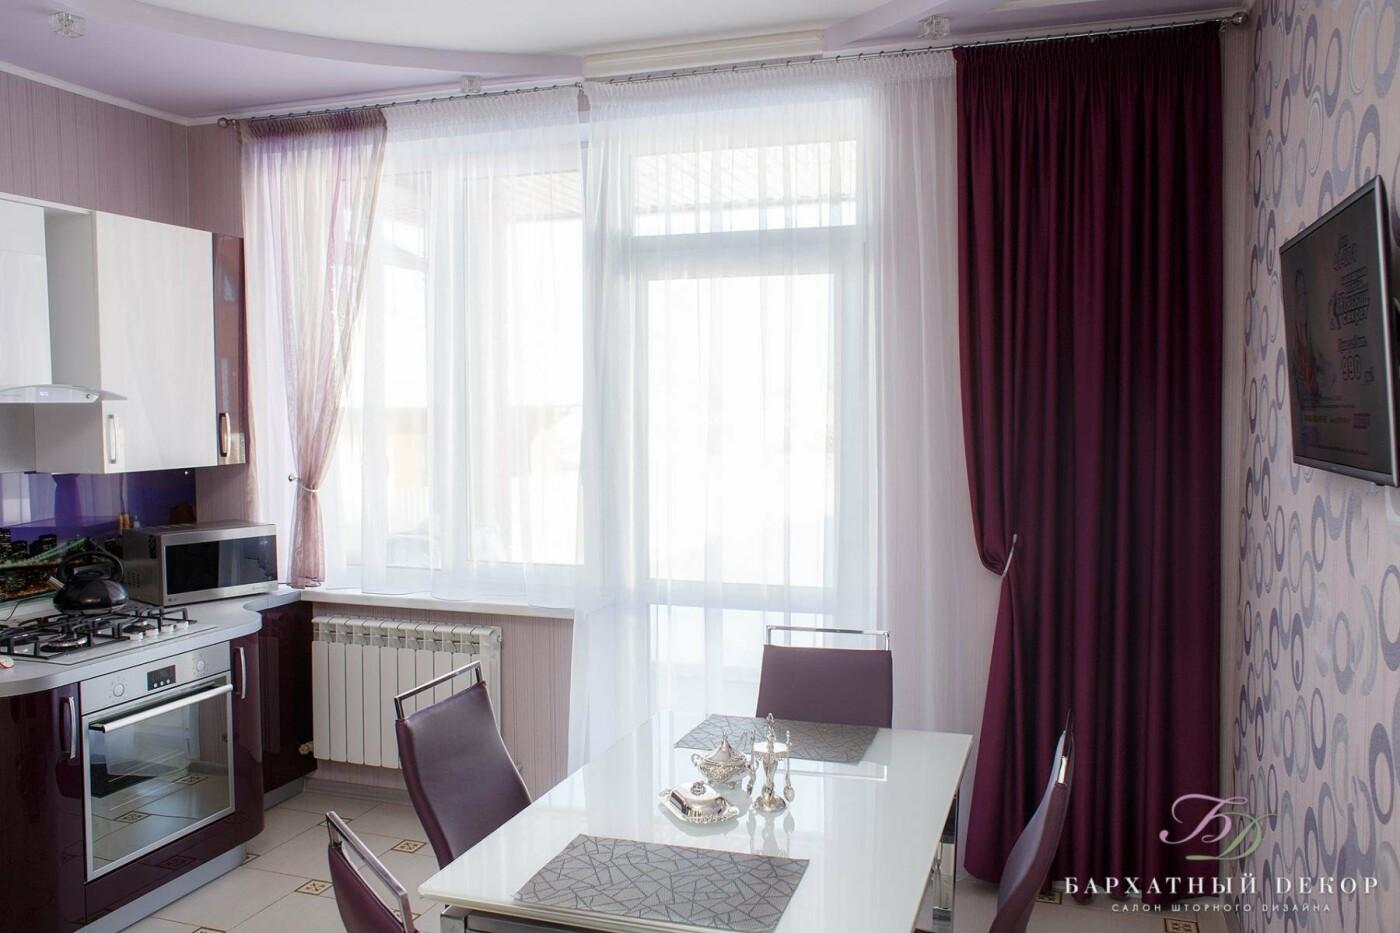 Хочу новые шторы — с чего начать? Отвечаем с салоном «Бархатный декор», фото-5